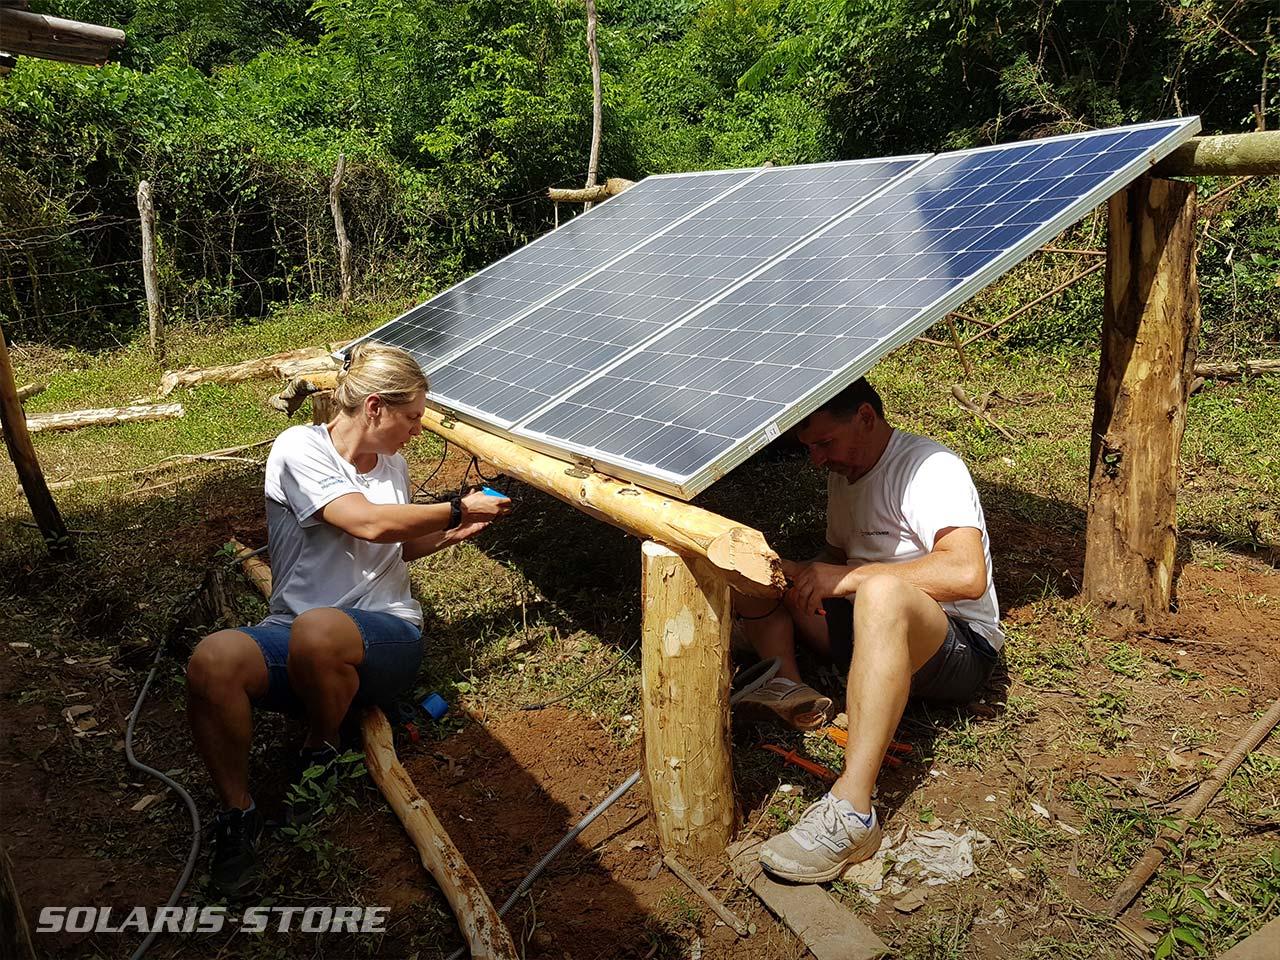 Câblage d'un kit solaire pour une maison de cultivateur à Cuba